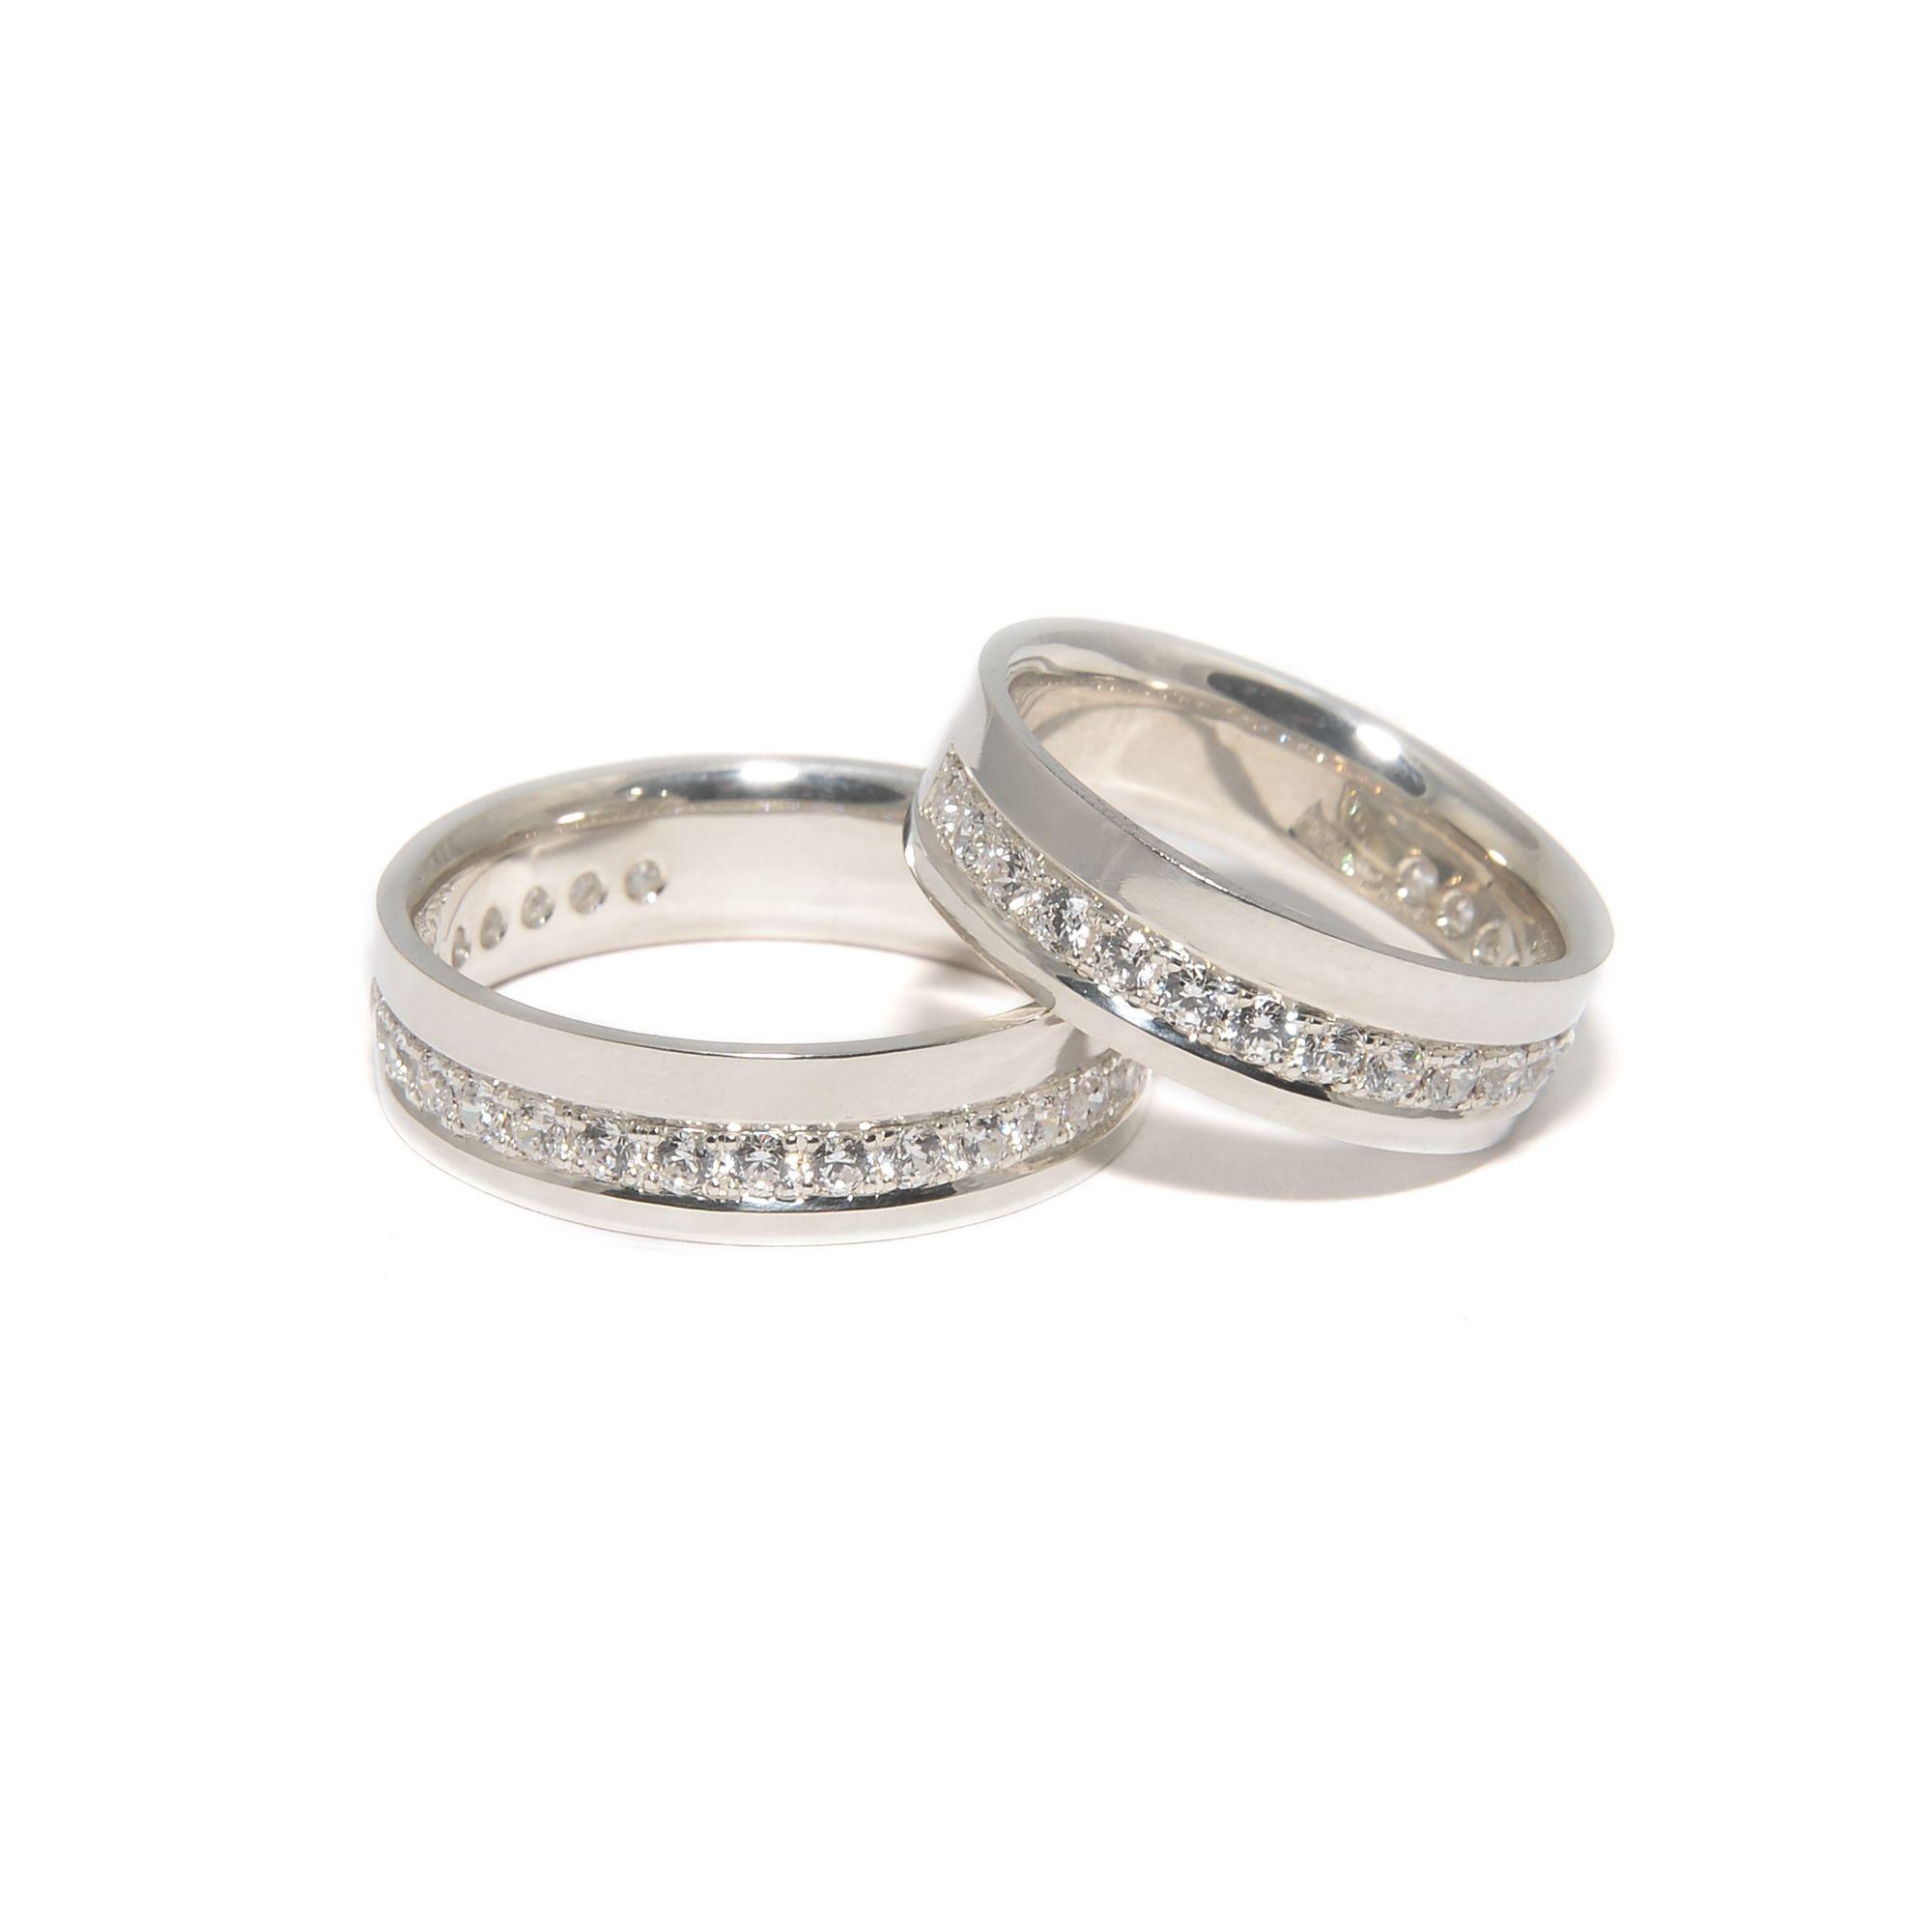 eeea0a7c5552 Обручальные кольца Родированное белое золото 585 пробы, бриллианты Ширина –  7мм, вес женского –